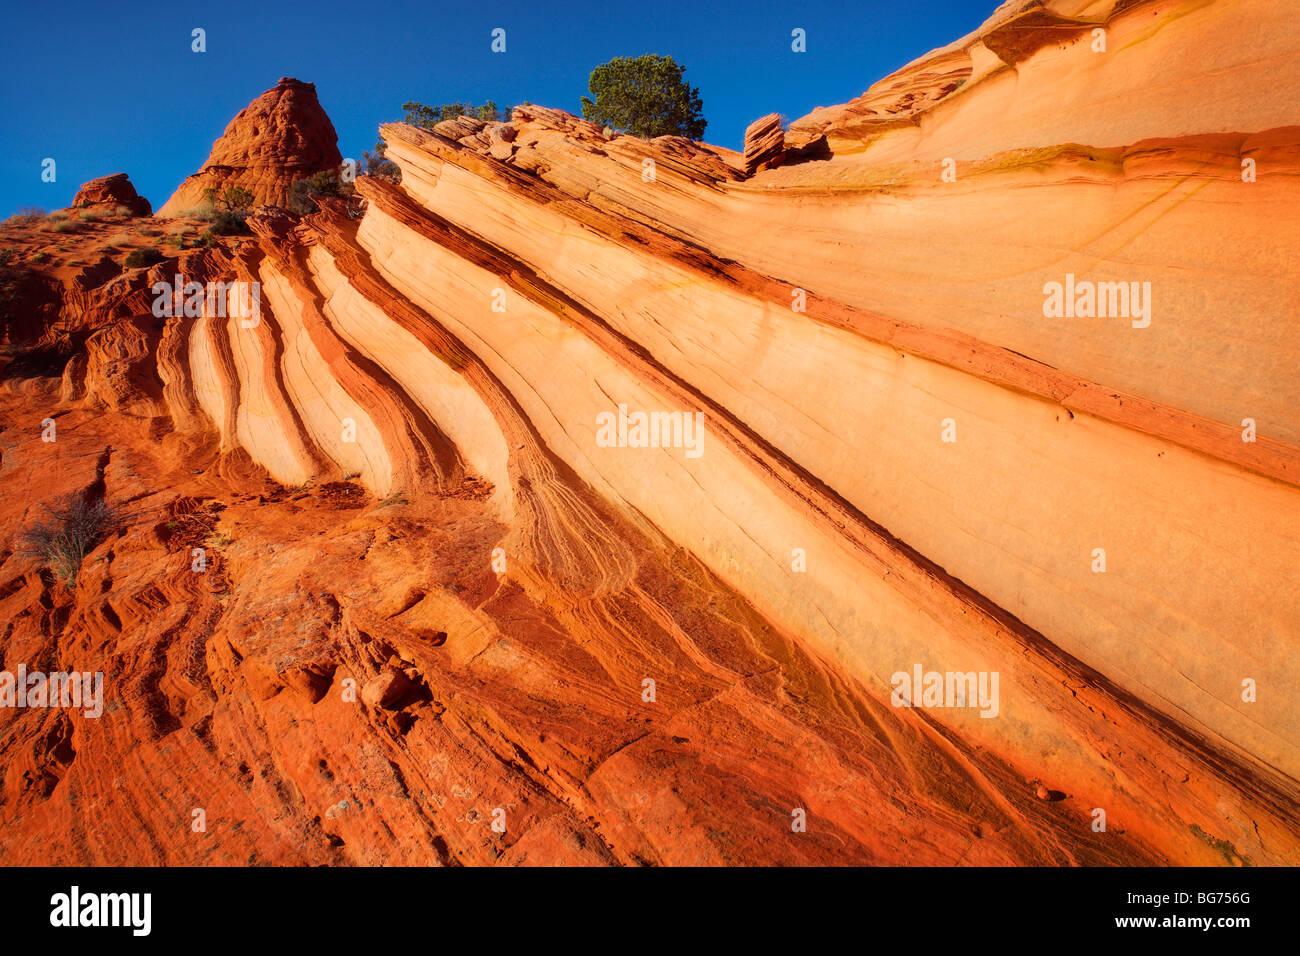 Gekerbten Sandstein im Vermilion Cliffs National Monument, Arizona Stockbild